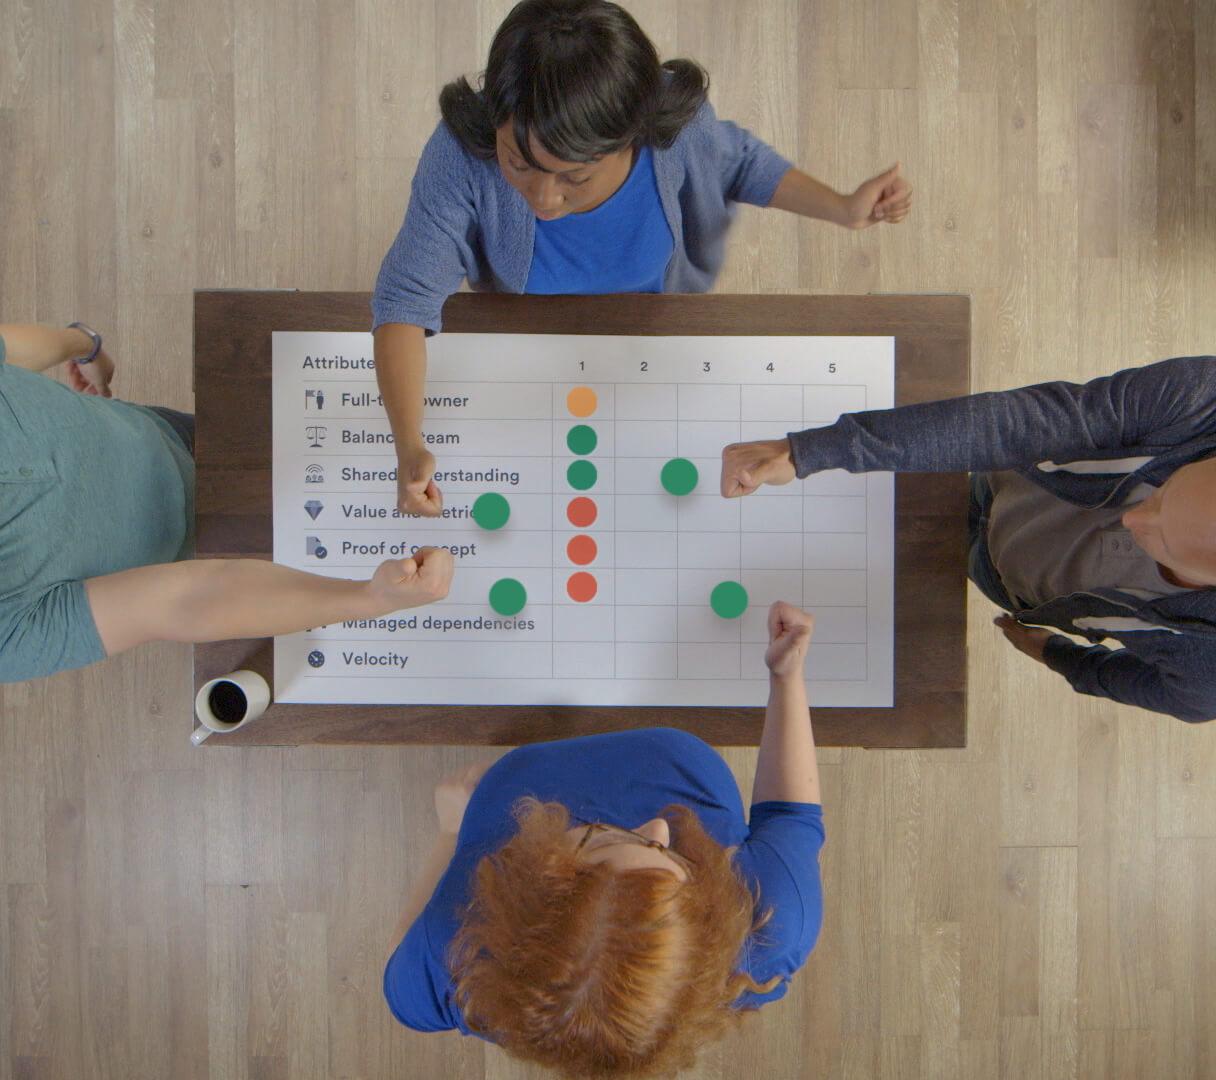 Los equipos de proyecto con un alto rendimiento usan el monitor de estado para realizar un seguimiento de sus constantes vitales y mantenerse en forma.